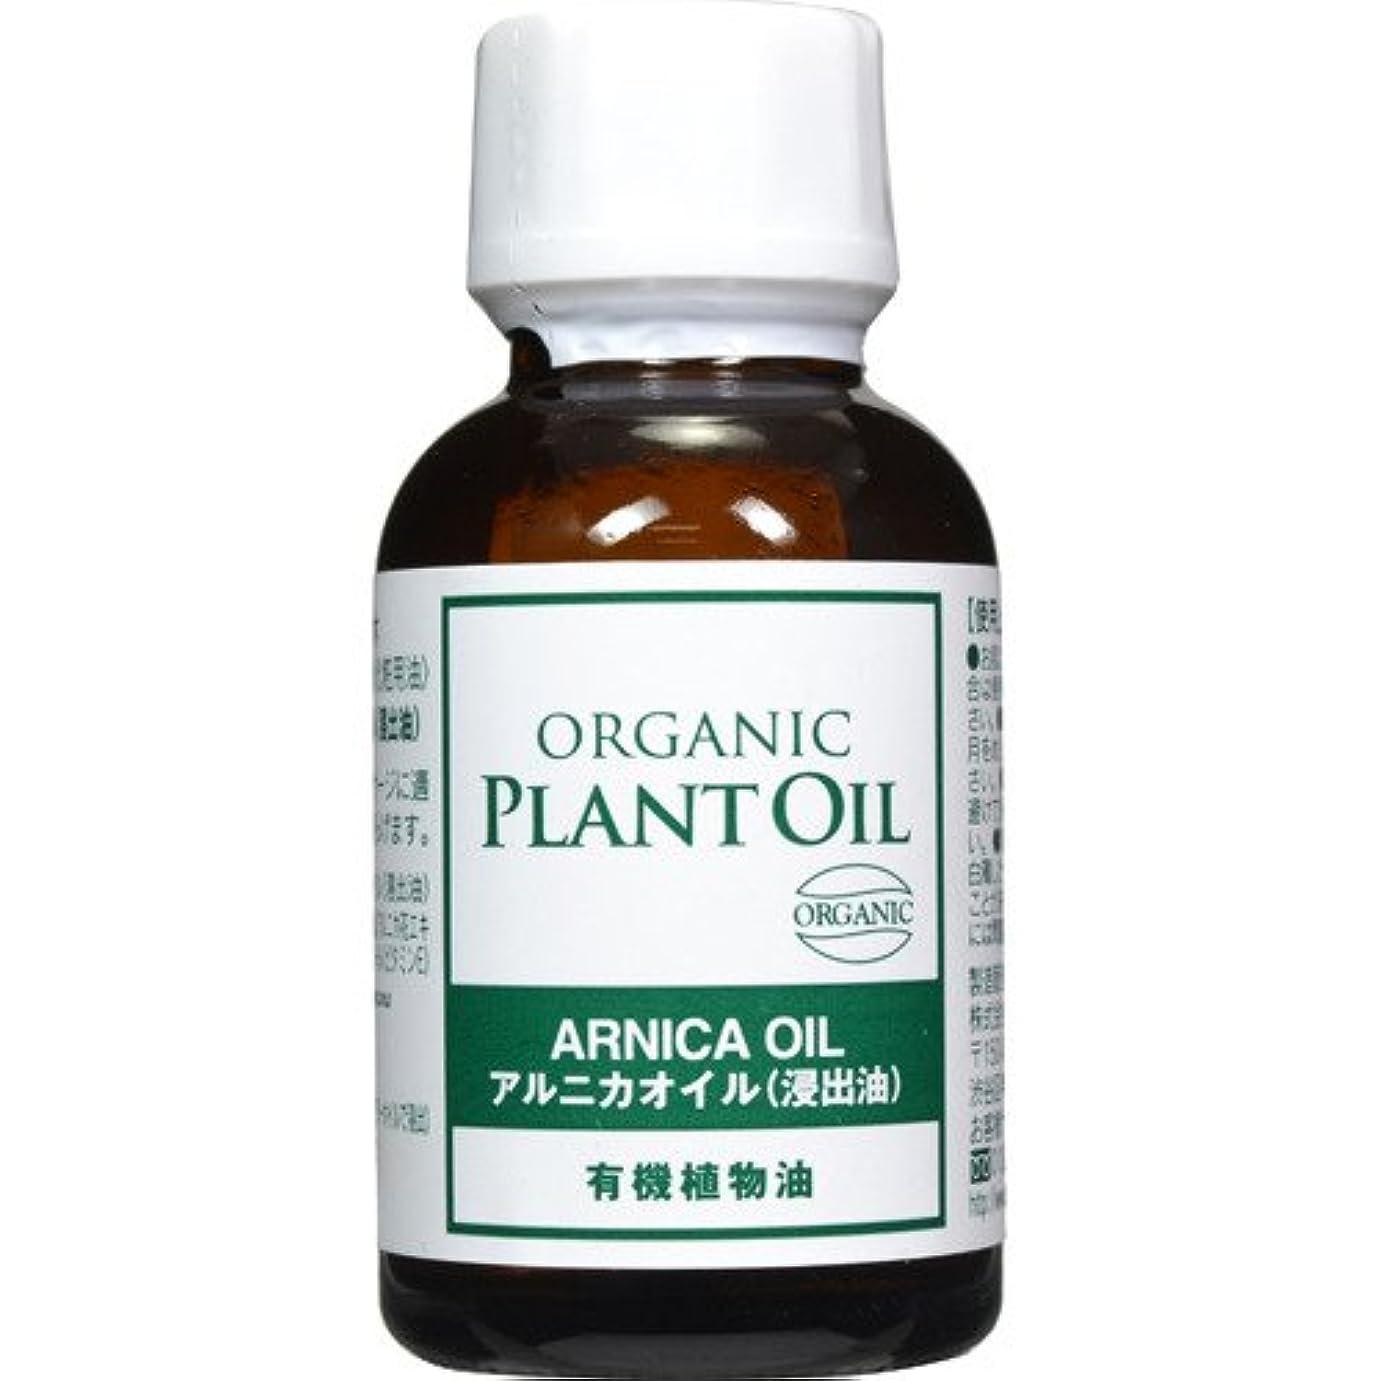 掃く代わってシュート生活の木 有機アルニカオイル(浸出油) 25ml